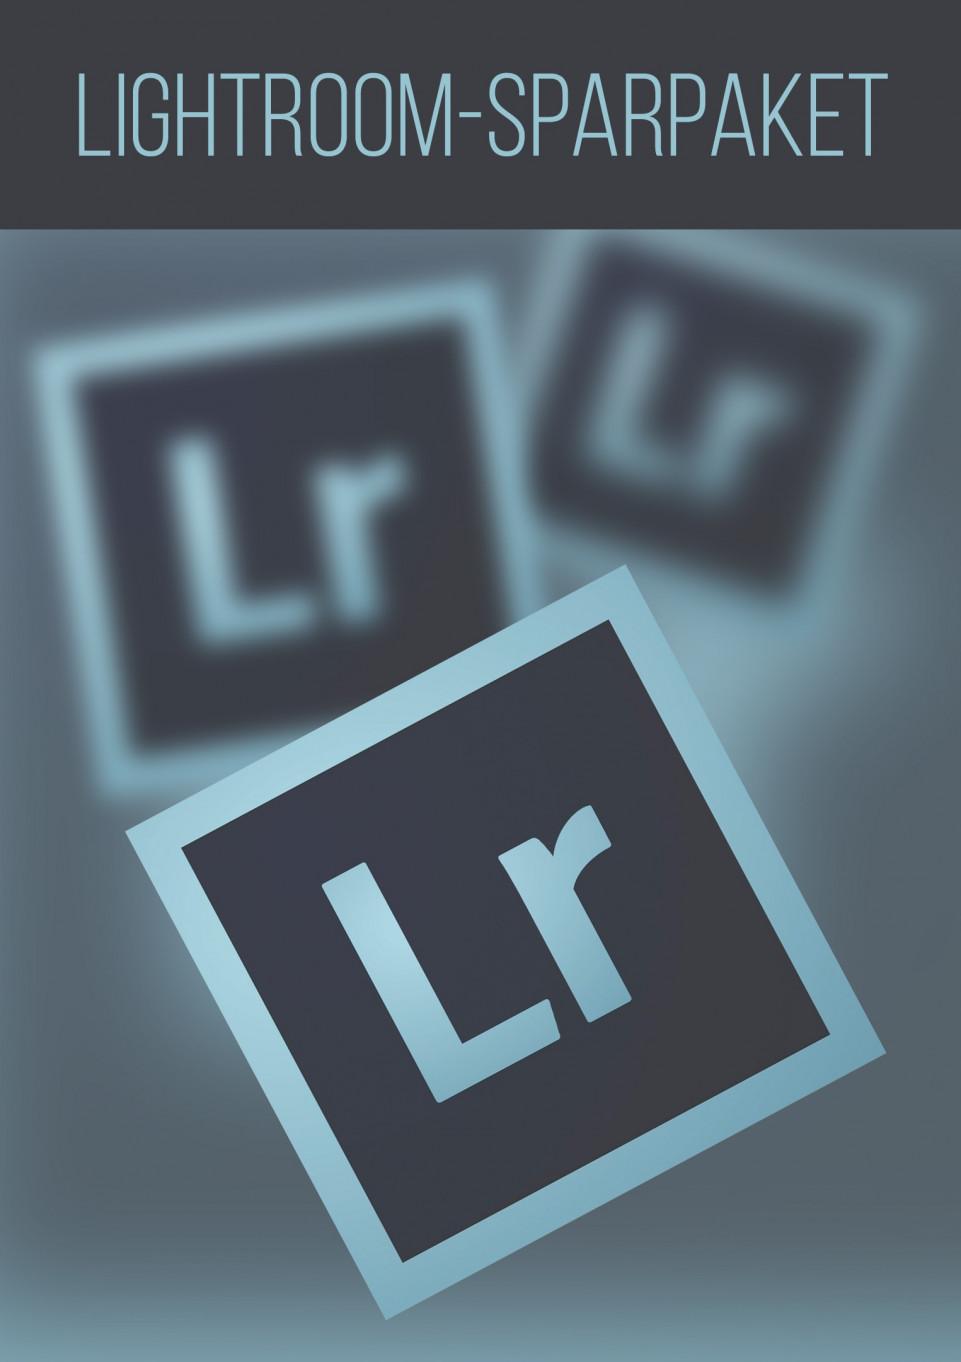 Lightroom-Sparpaket: Trainings und Assets